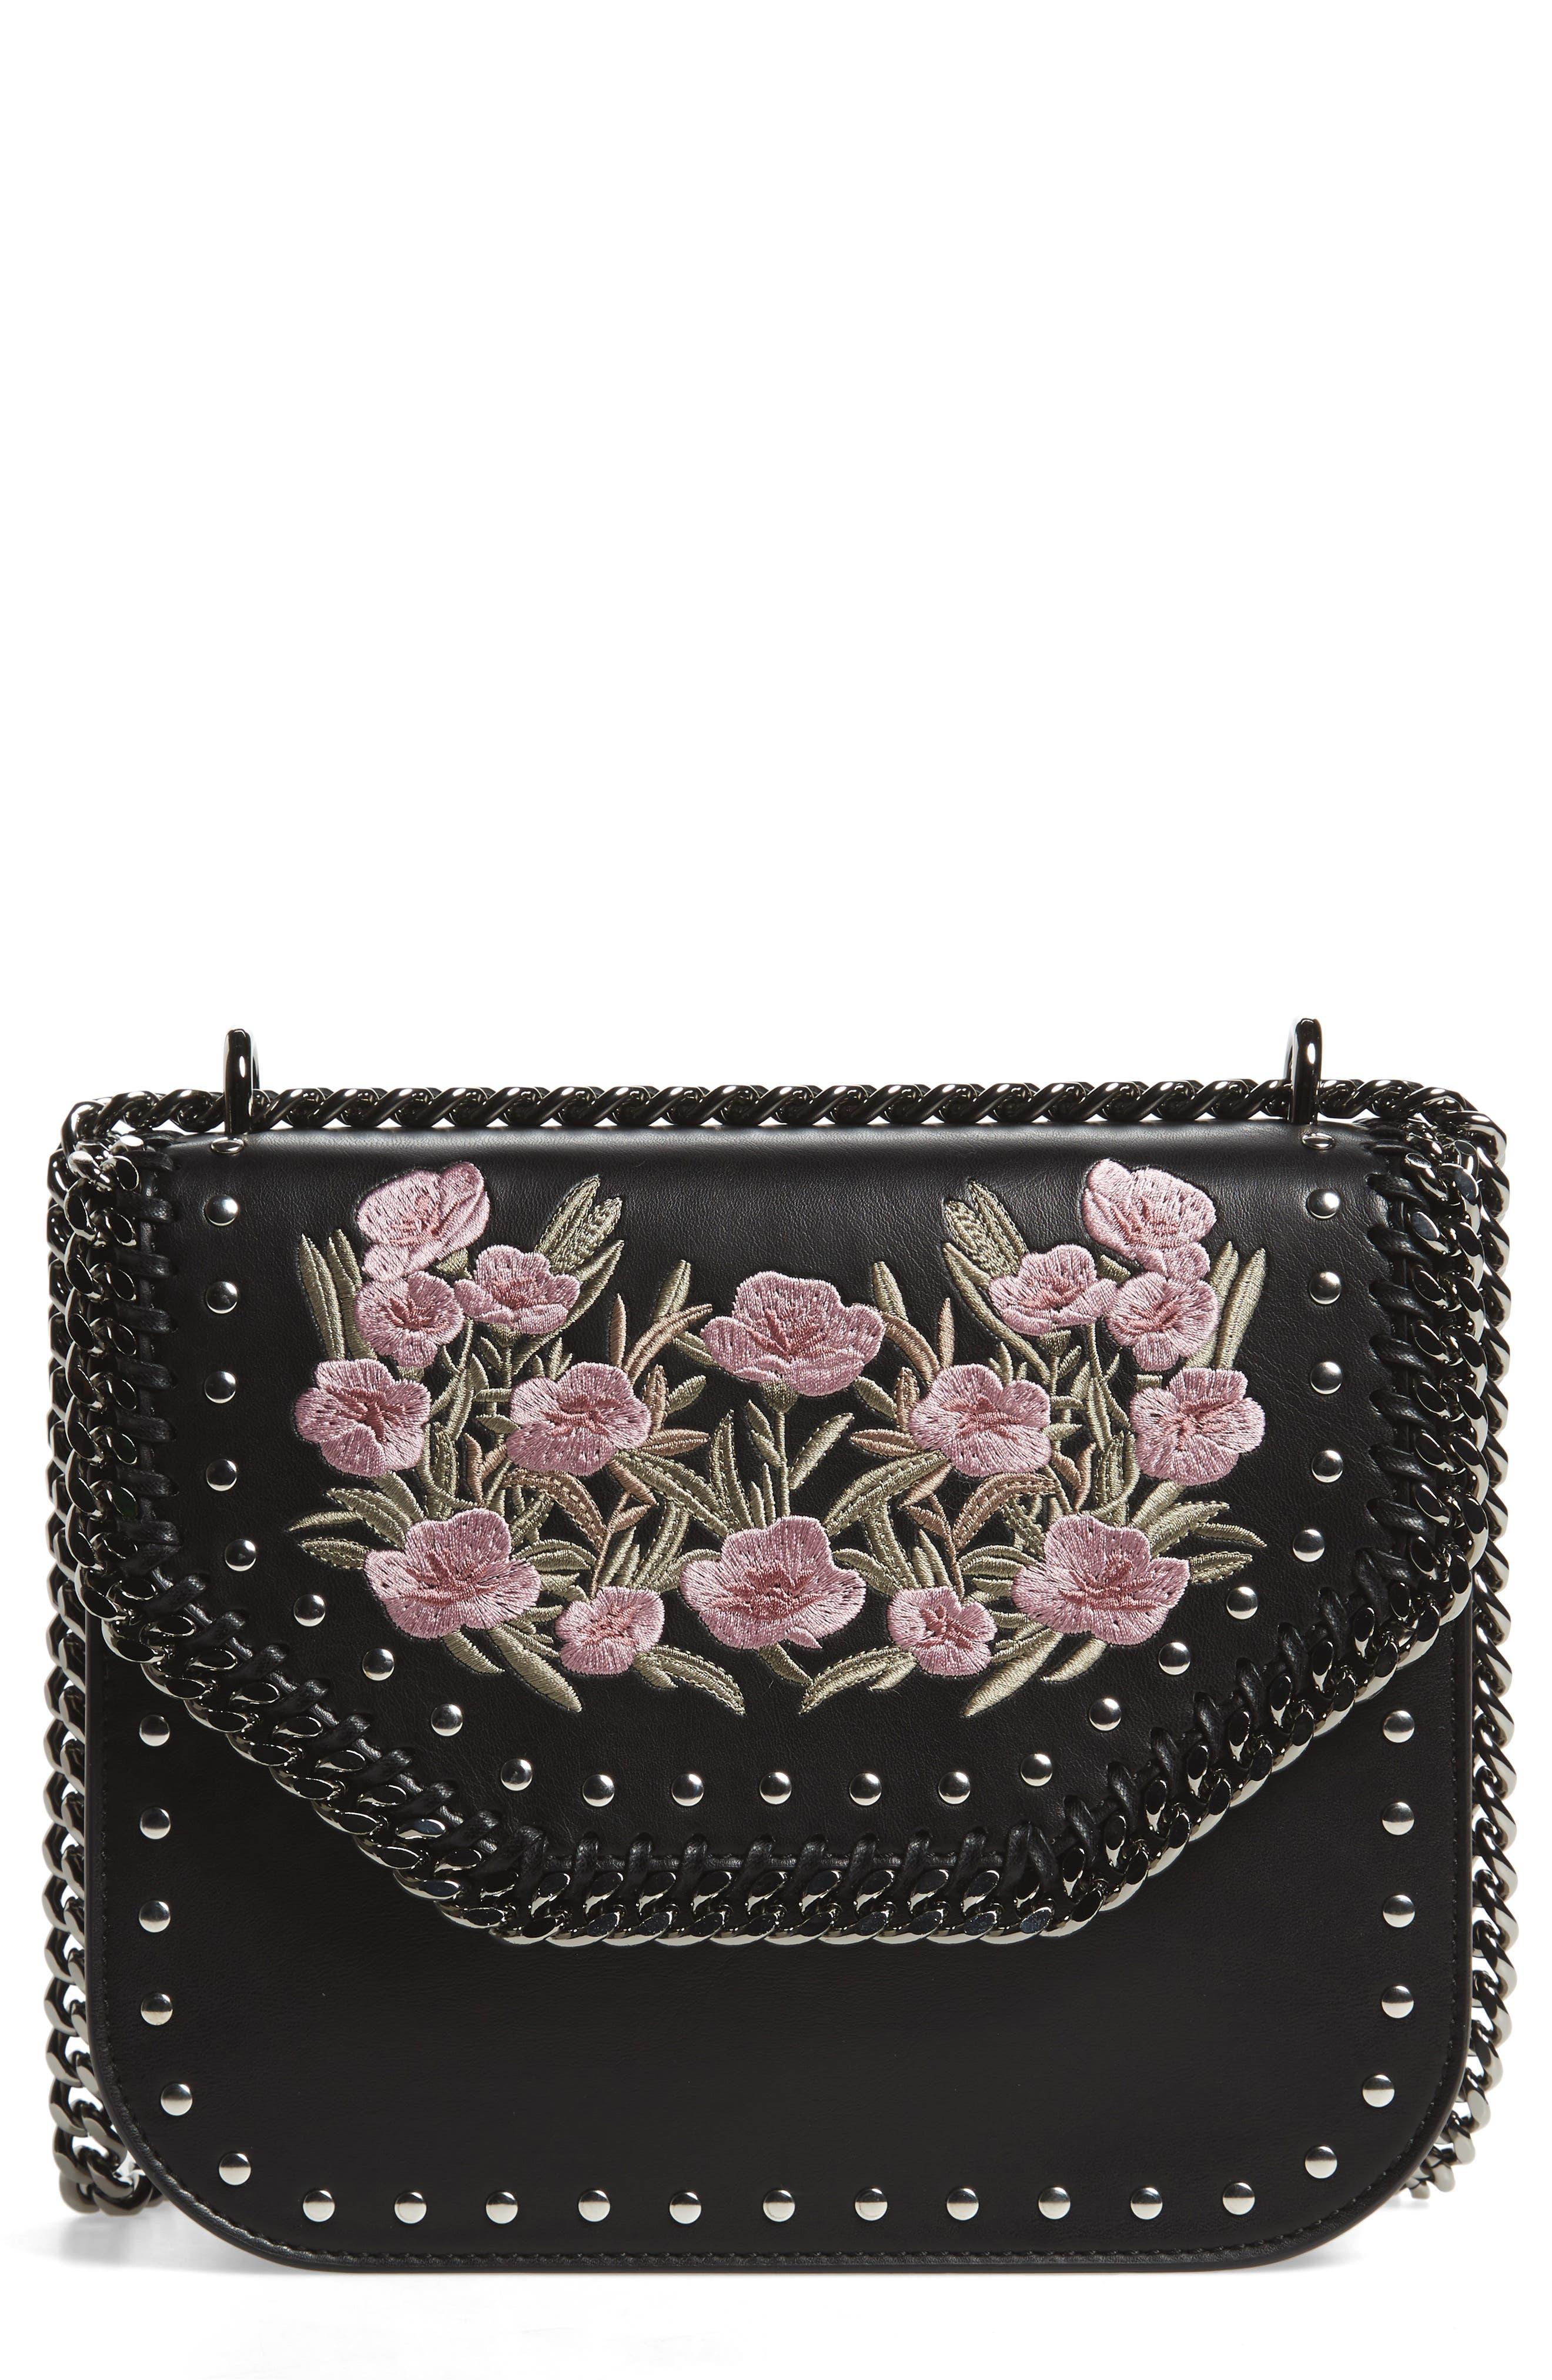 Medium Falabella Box Floral Shoulder Bag,                             Main thumbnail 1, color,                             Black